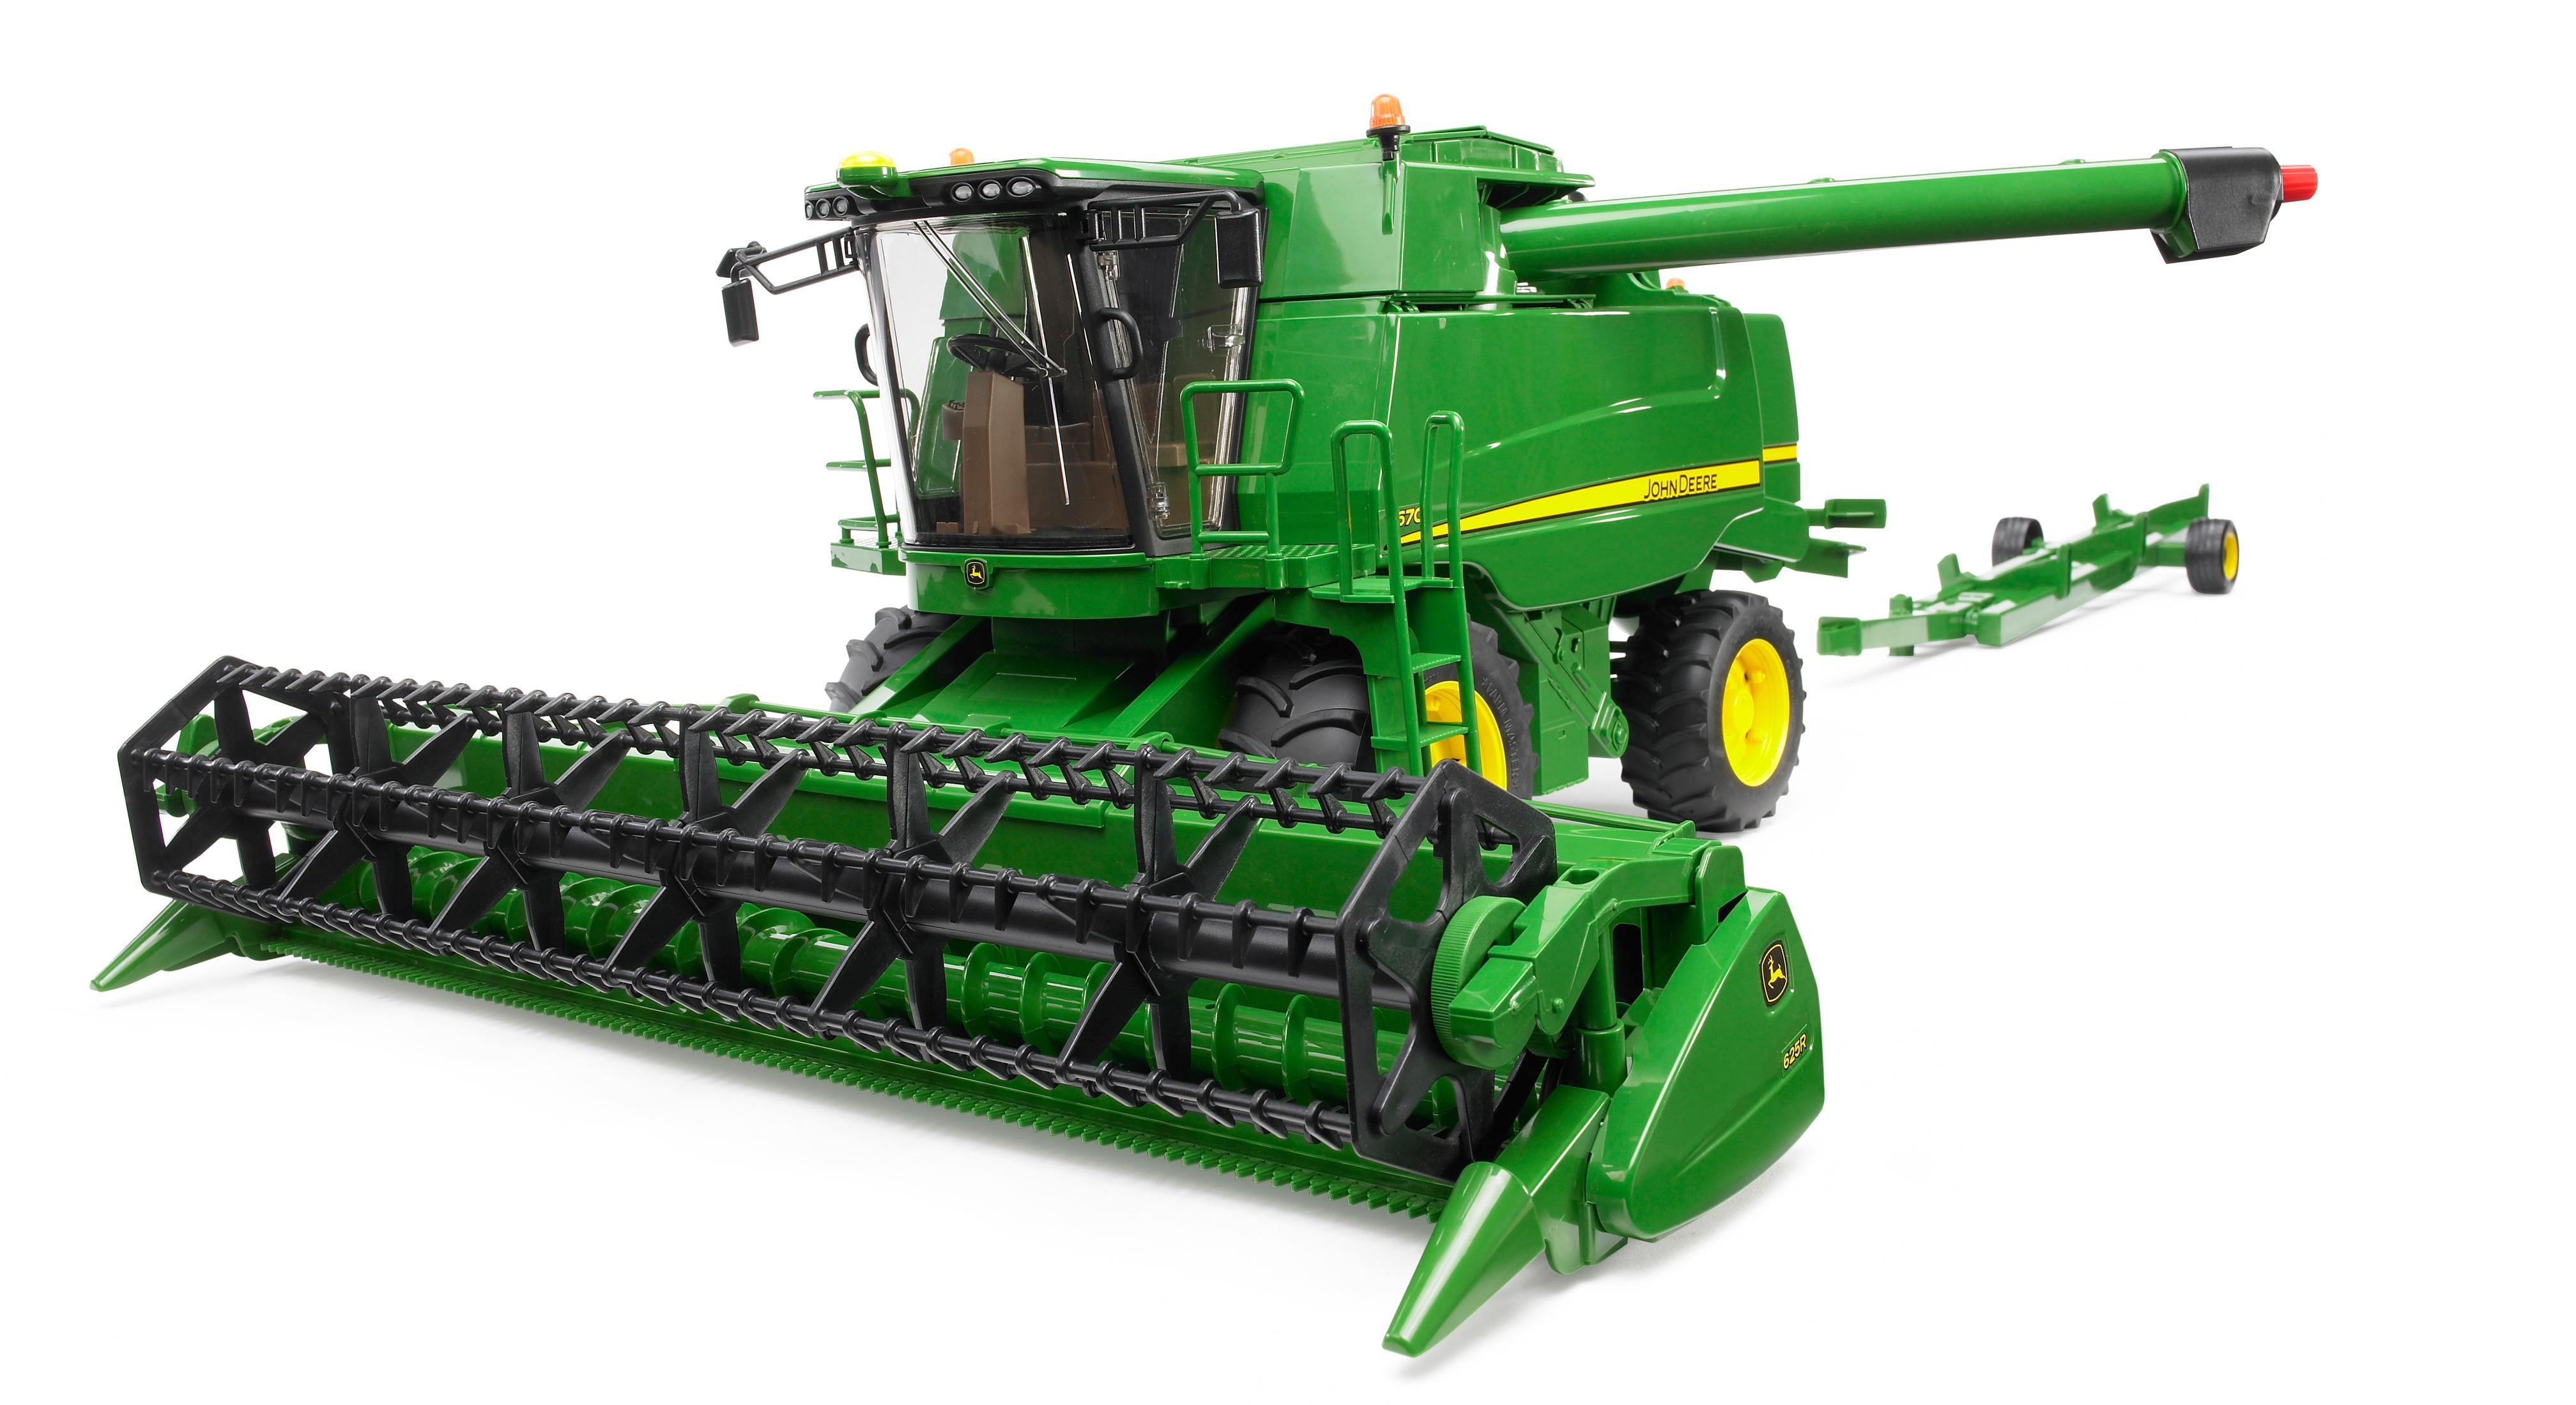 John Deere Combine >> Bruder John Deere T670i Combine Harvester